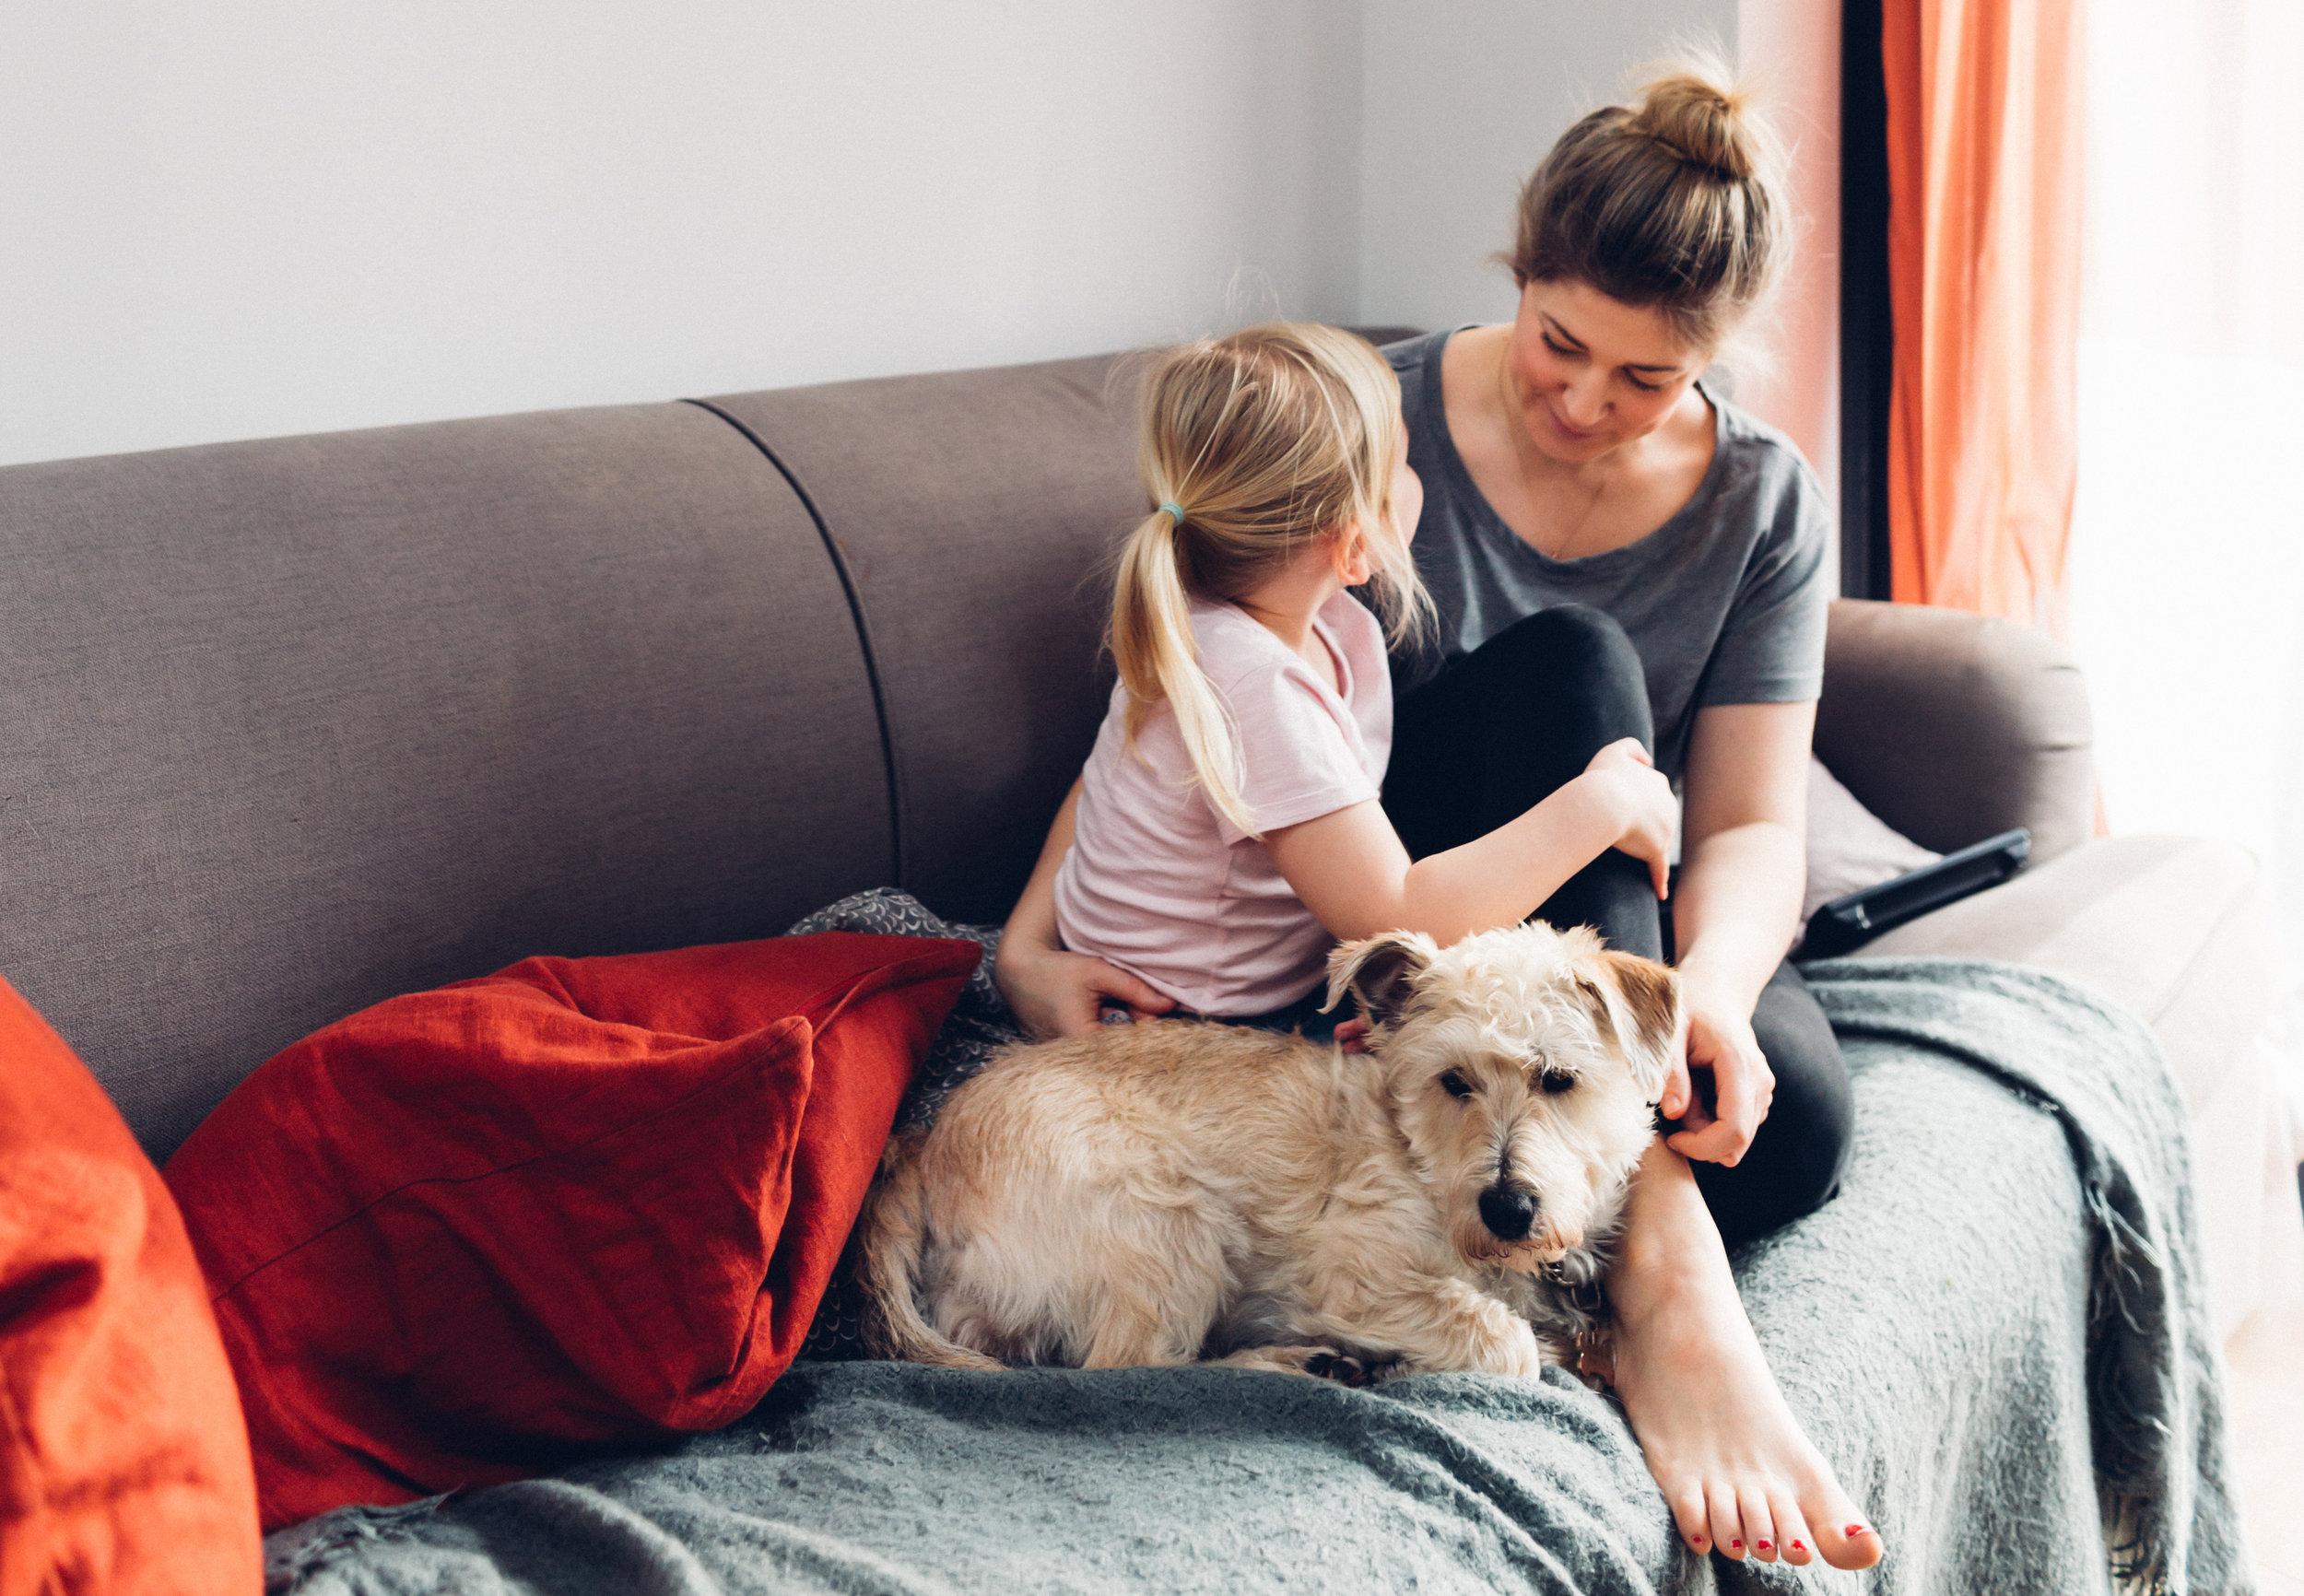 Comment être vraiment présent·e avec vos enfants